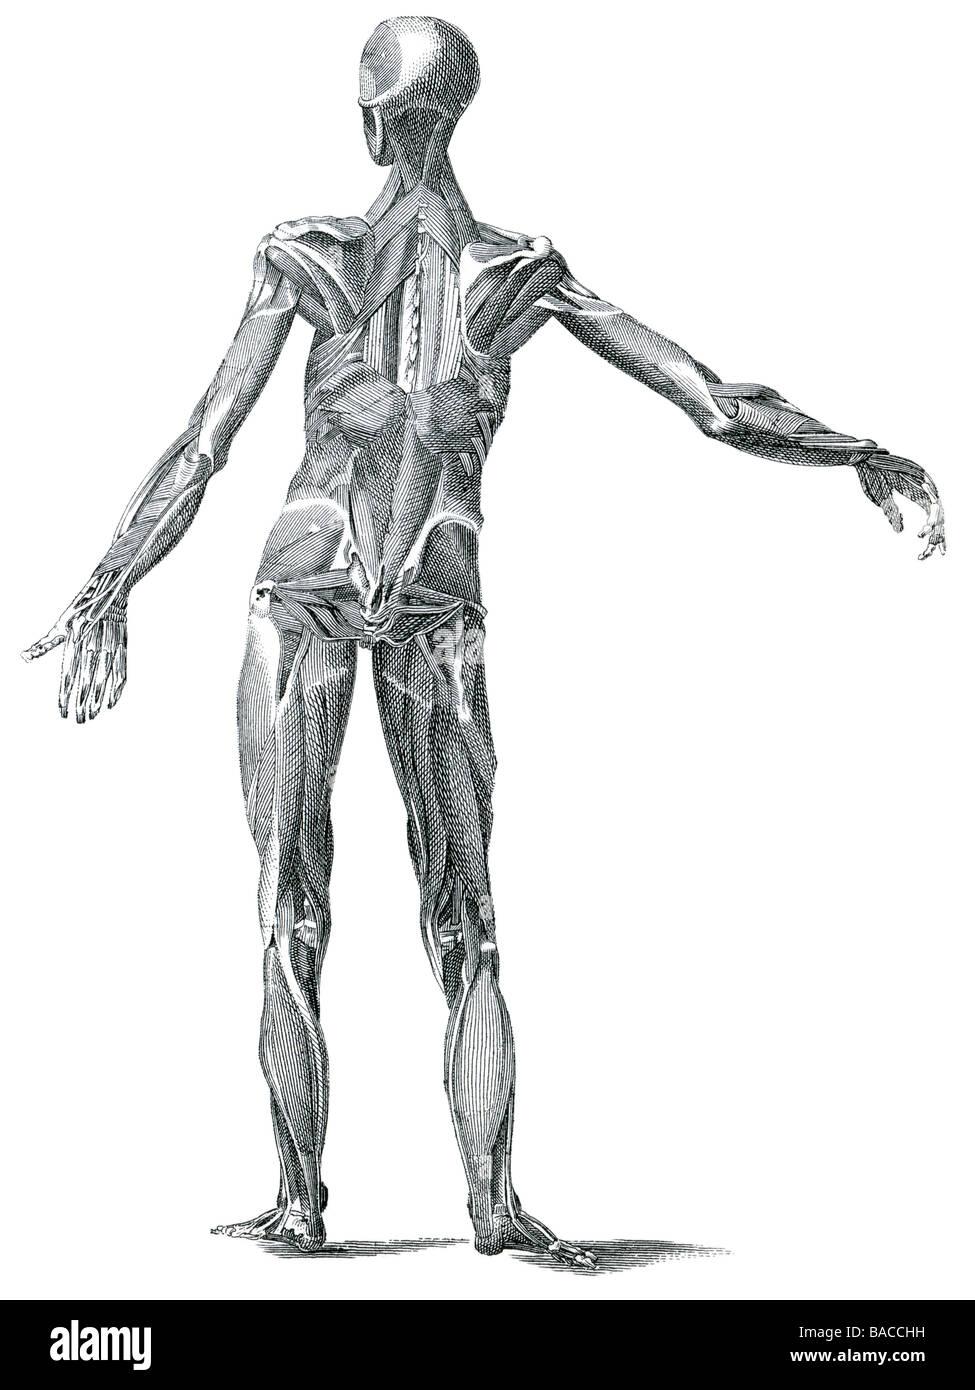 Nett Skelettmuskelzelle Galerie - Menschliche Anatomie Bilder ...